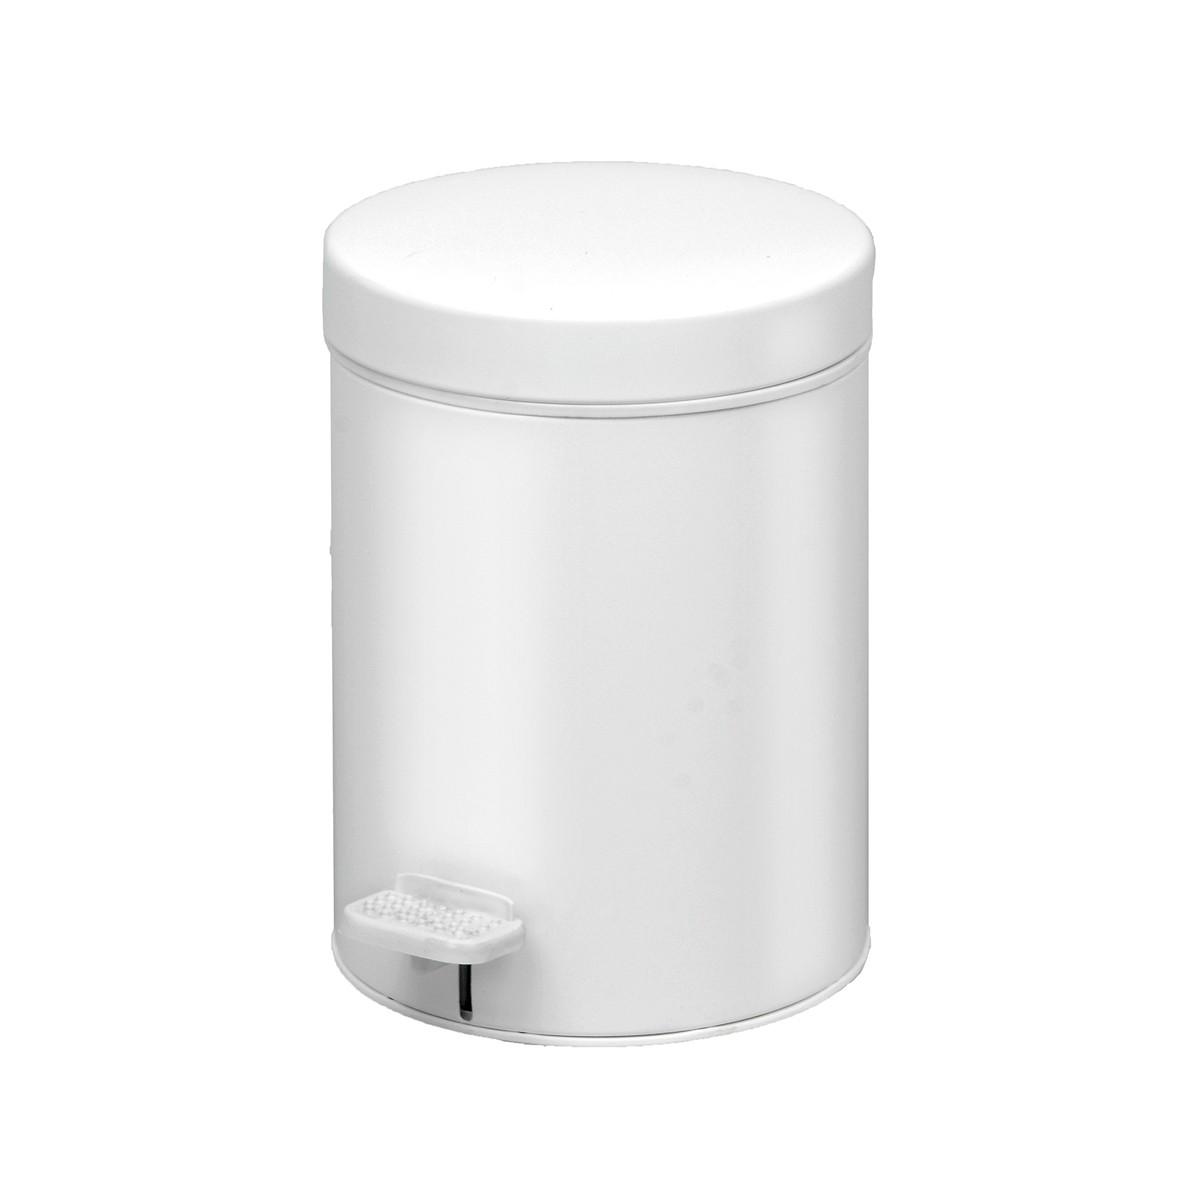 Κάδος Απορριμάτων (18x26) PamCo 3Lit 605 White